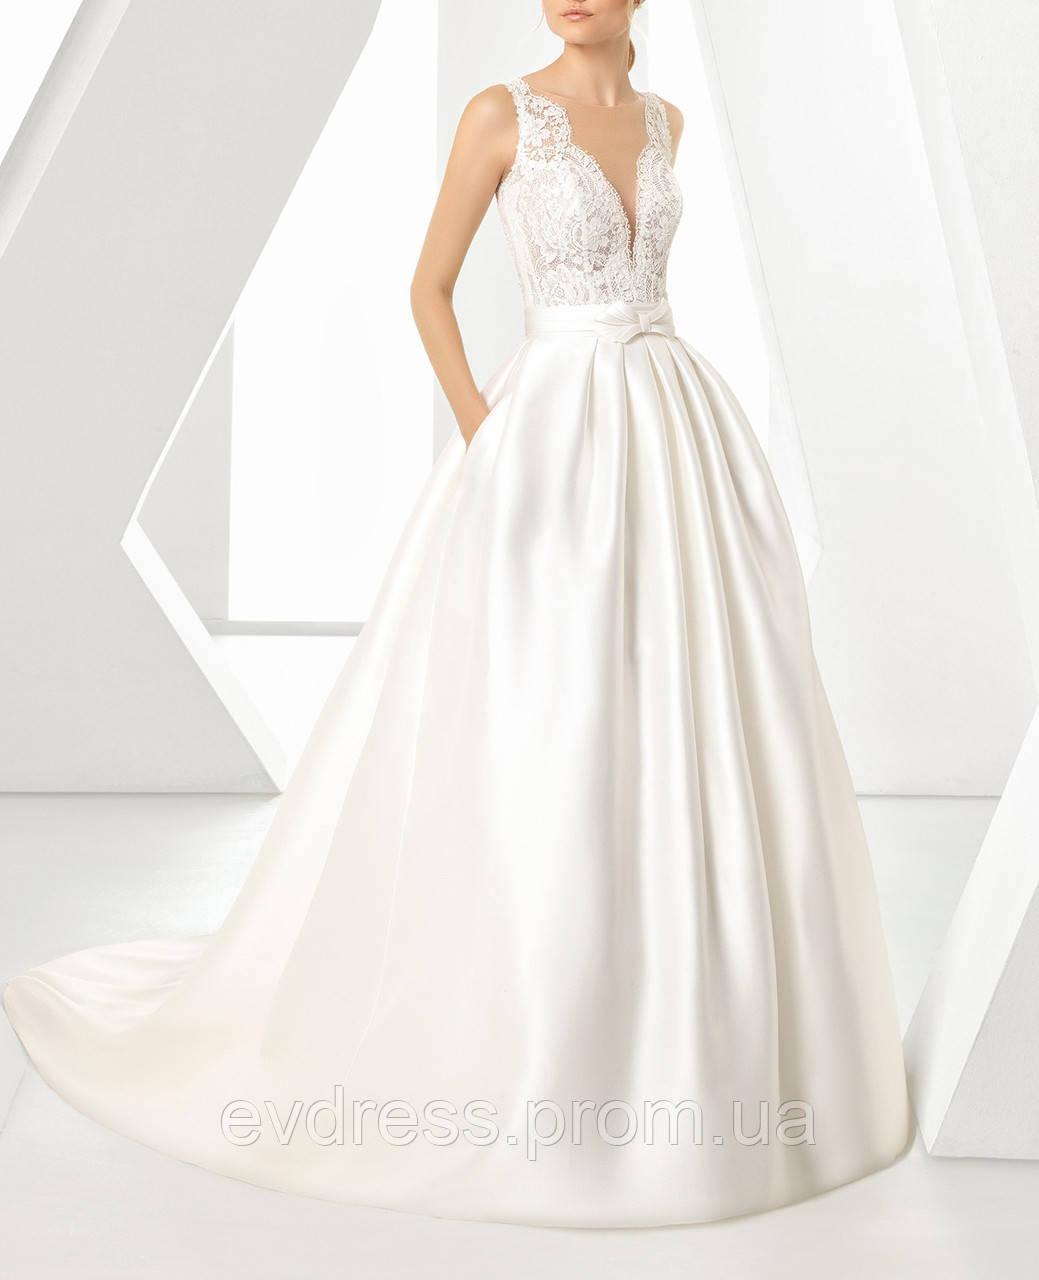 e66f1cca4ef Атласные вечерние платья оптом в категории свадебные платья в Украине.  Сравнить цены